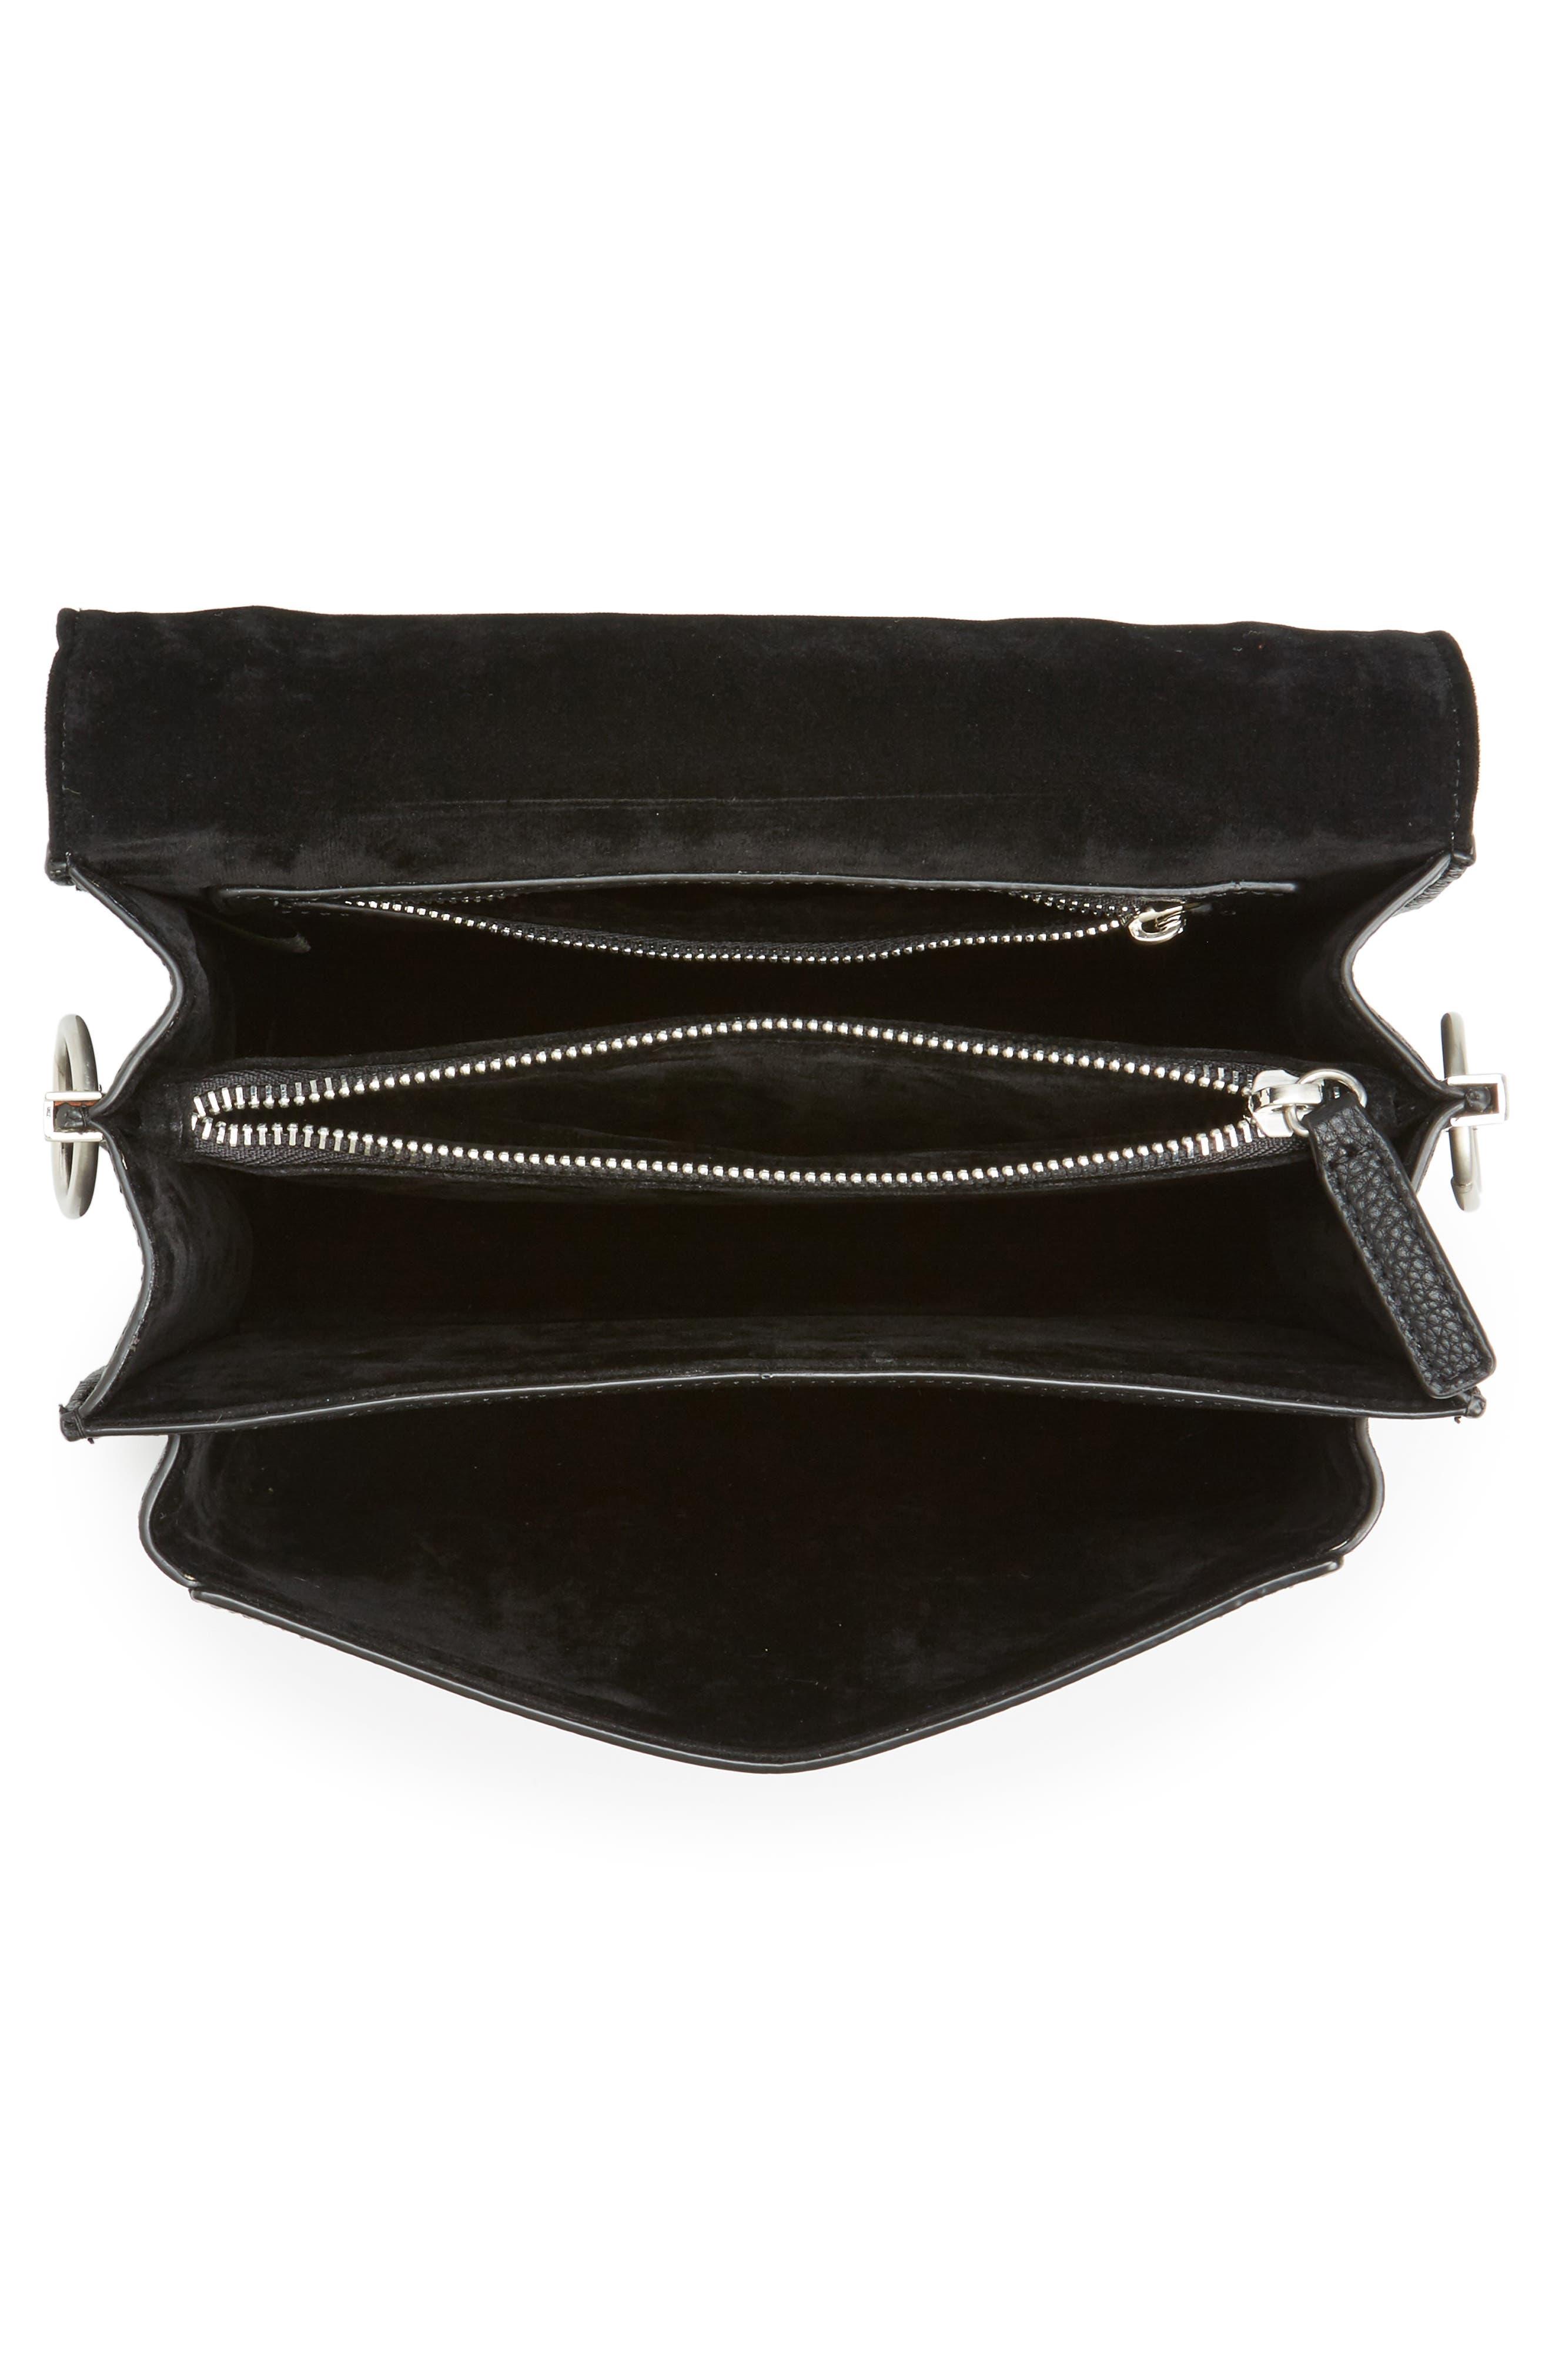 Gessica Leather Shoulder Bag,                             Alternate thumbnail 4, color,                             001